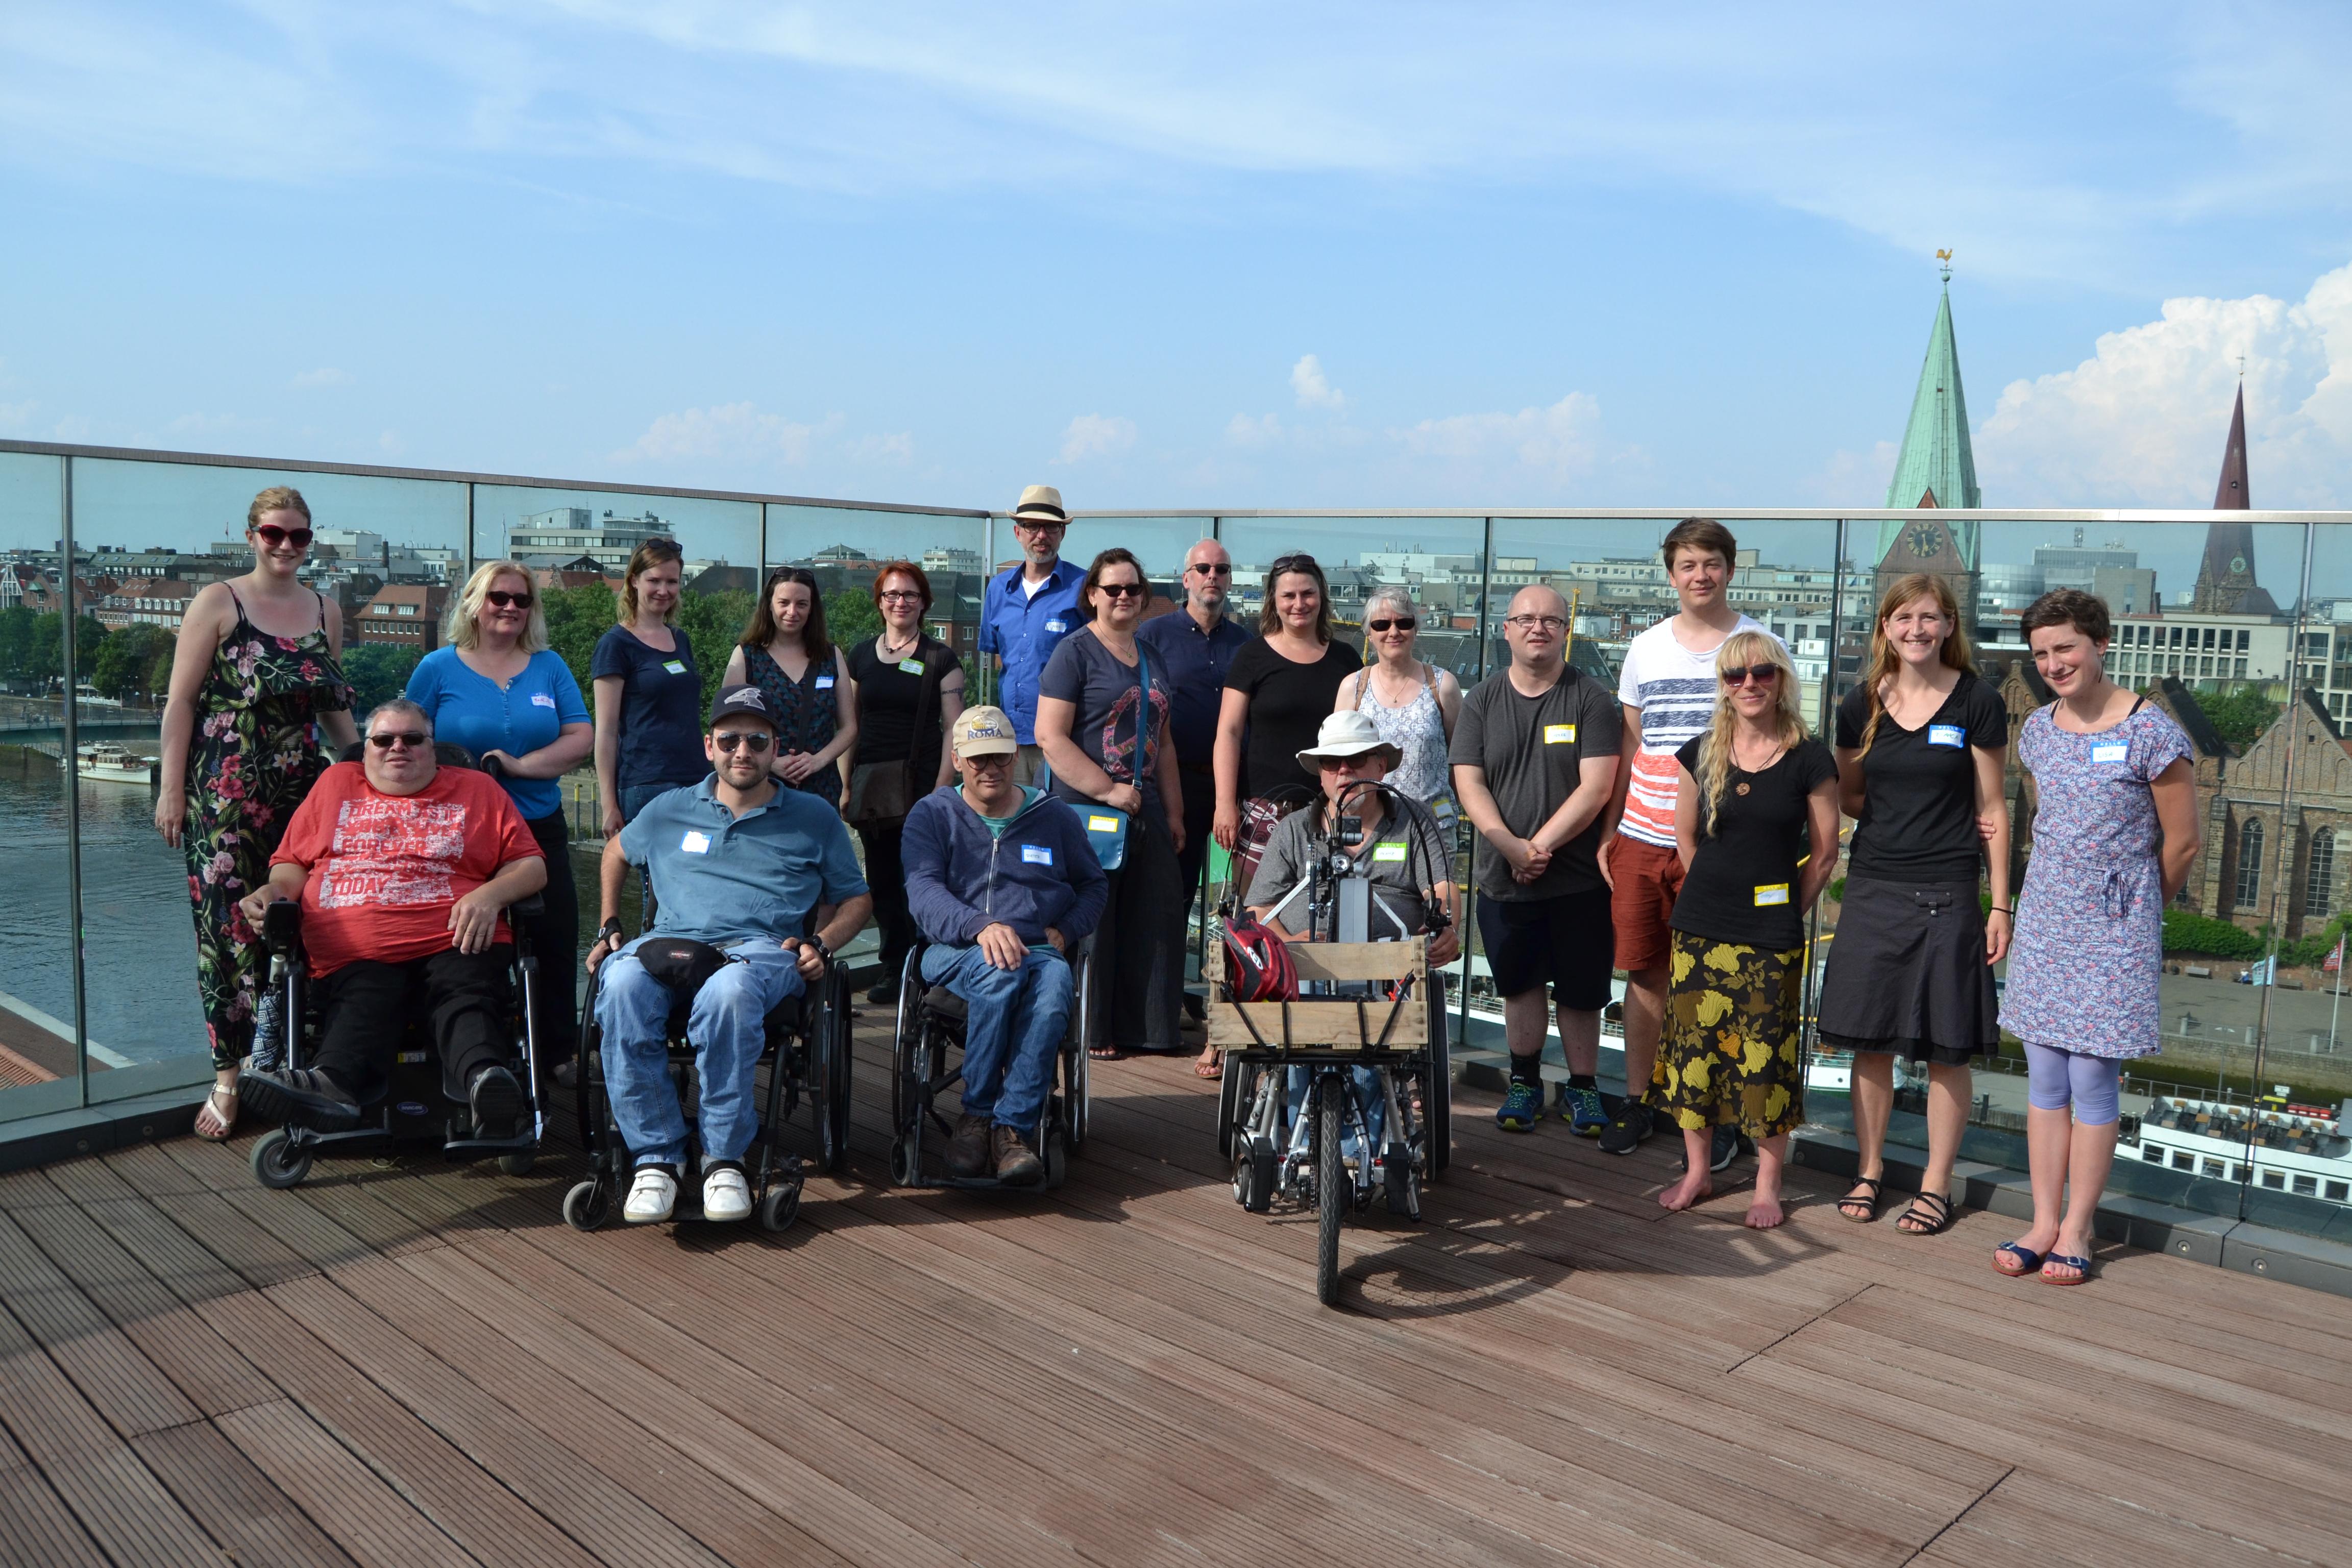 Und zum Schluss: ein Gruppenbild aller Teilnehmer*innen.